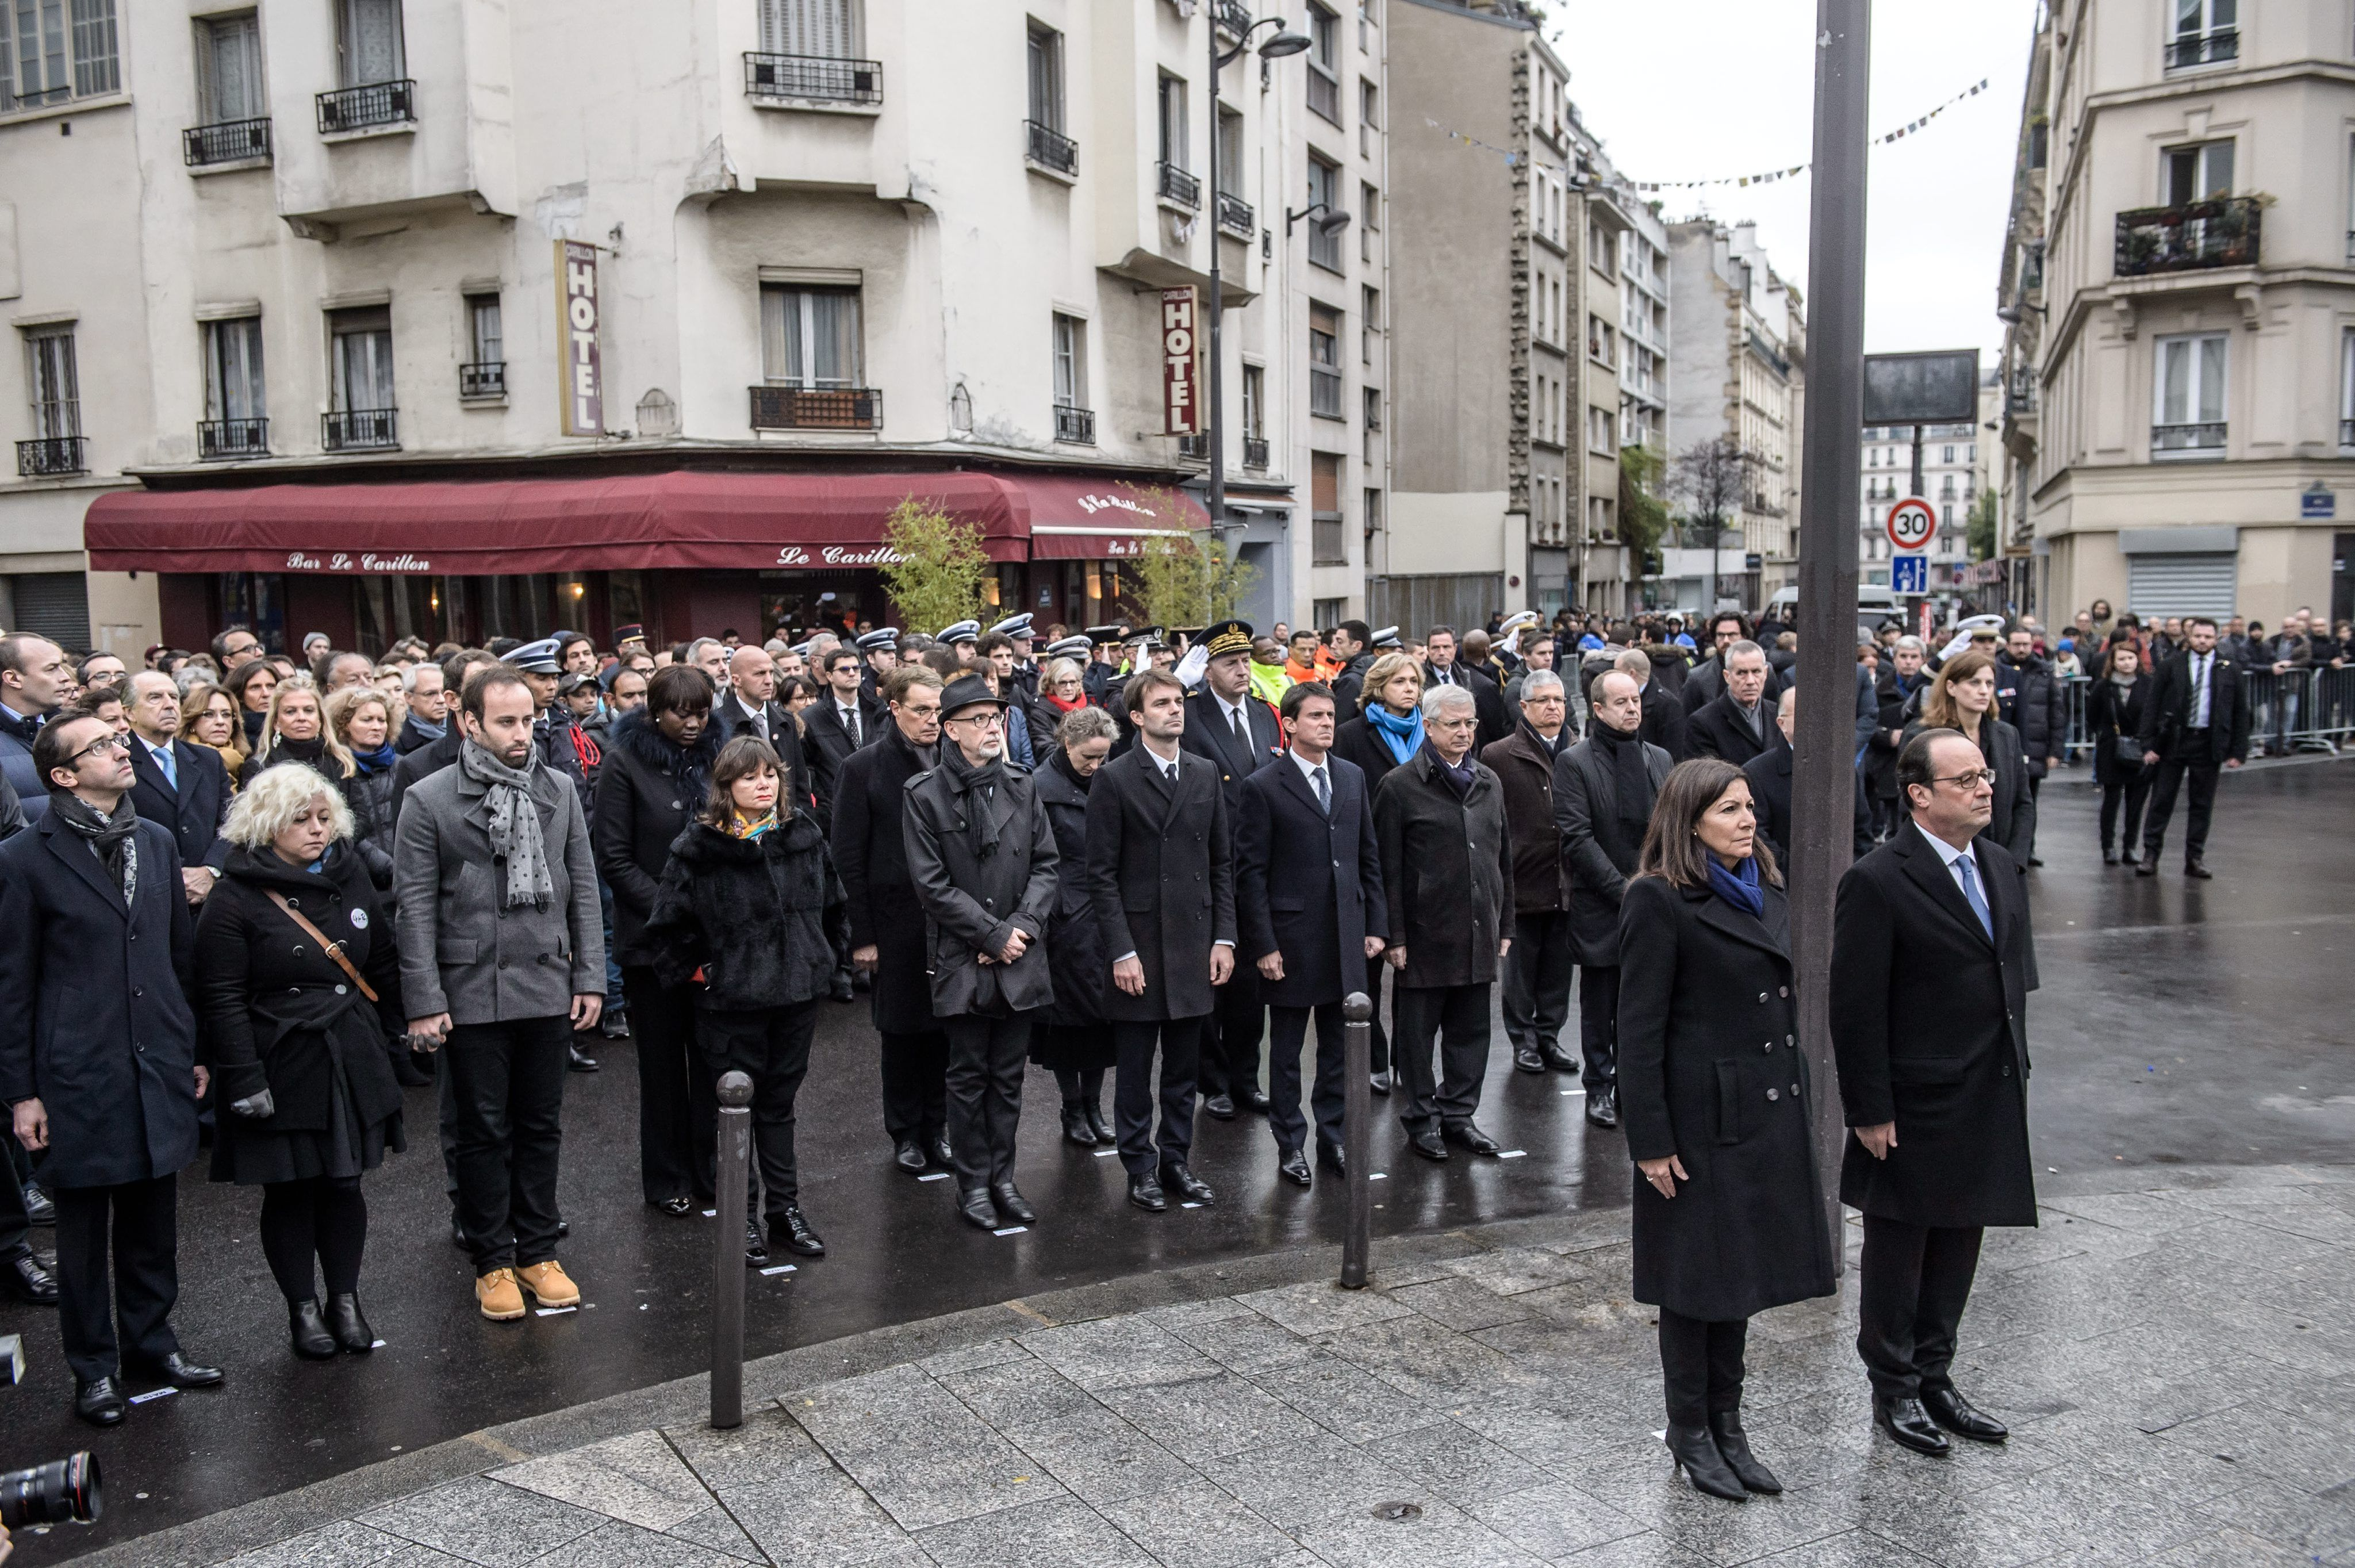 Francia recuerda a las víctimas de los atentados en París en el primer aniversario.